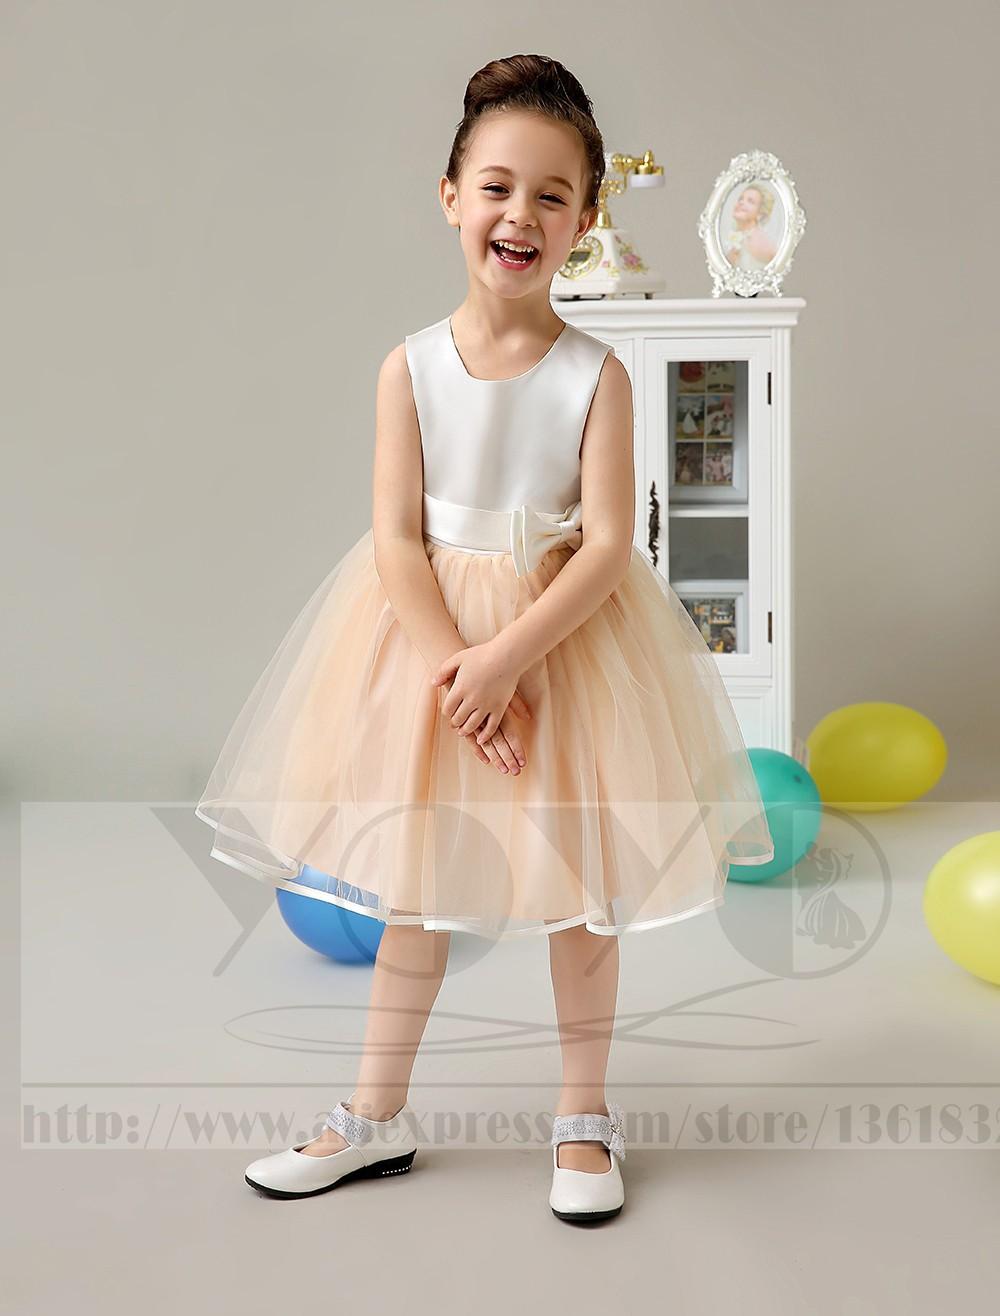 Скидки на -Линии Атласная И Тюль розовый маленькие девочки платья с sash бантом Дети Pageant Платья дети девушки повседневные платья